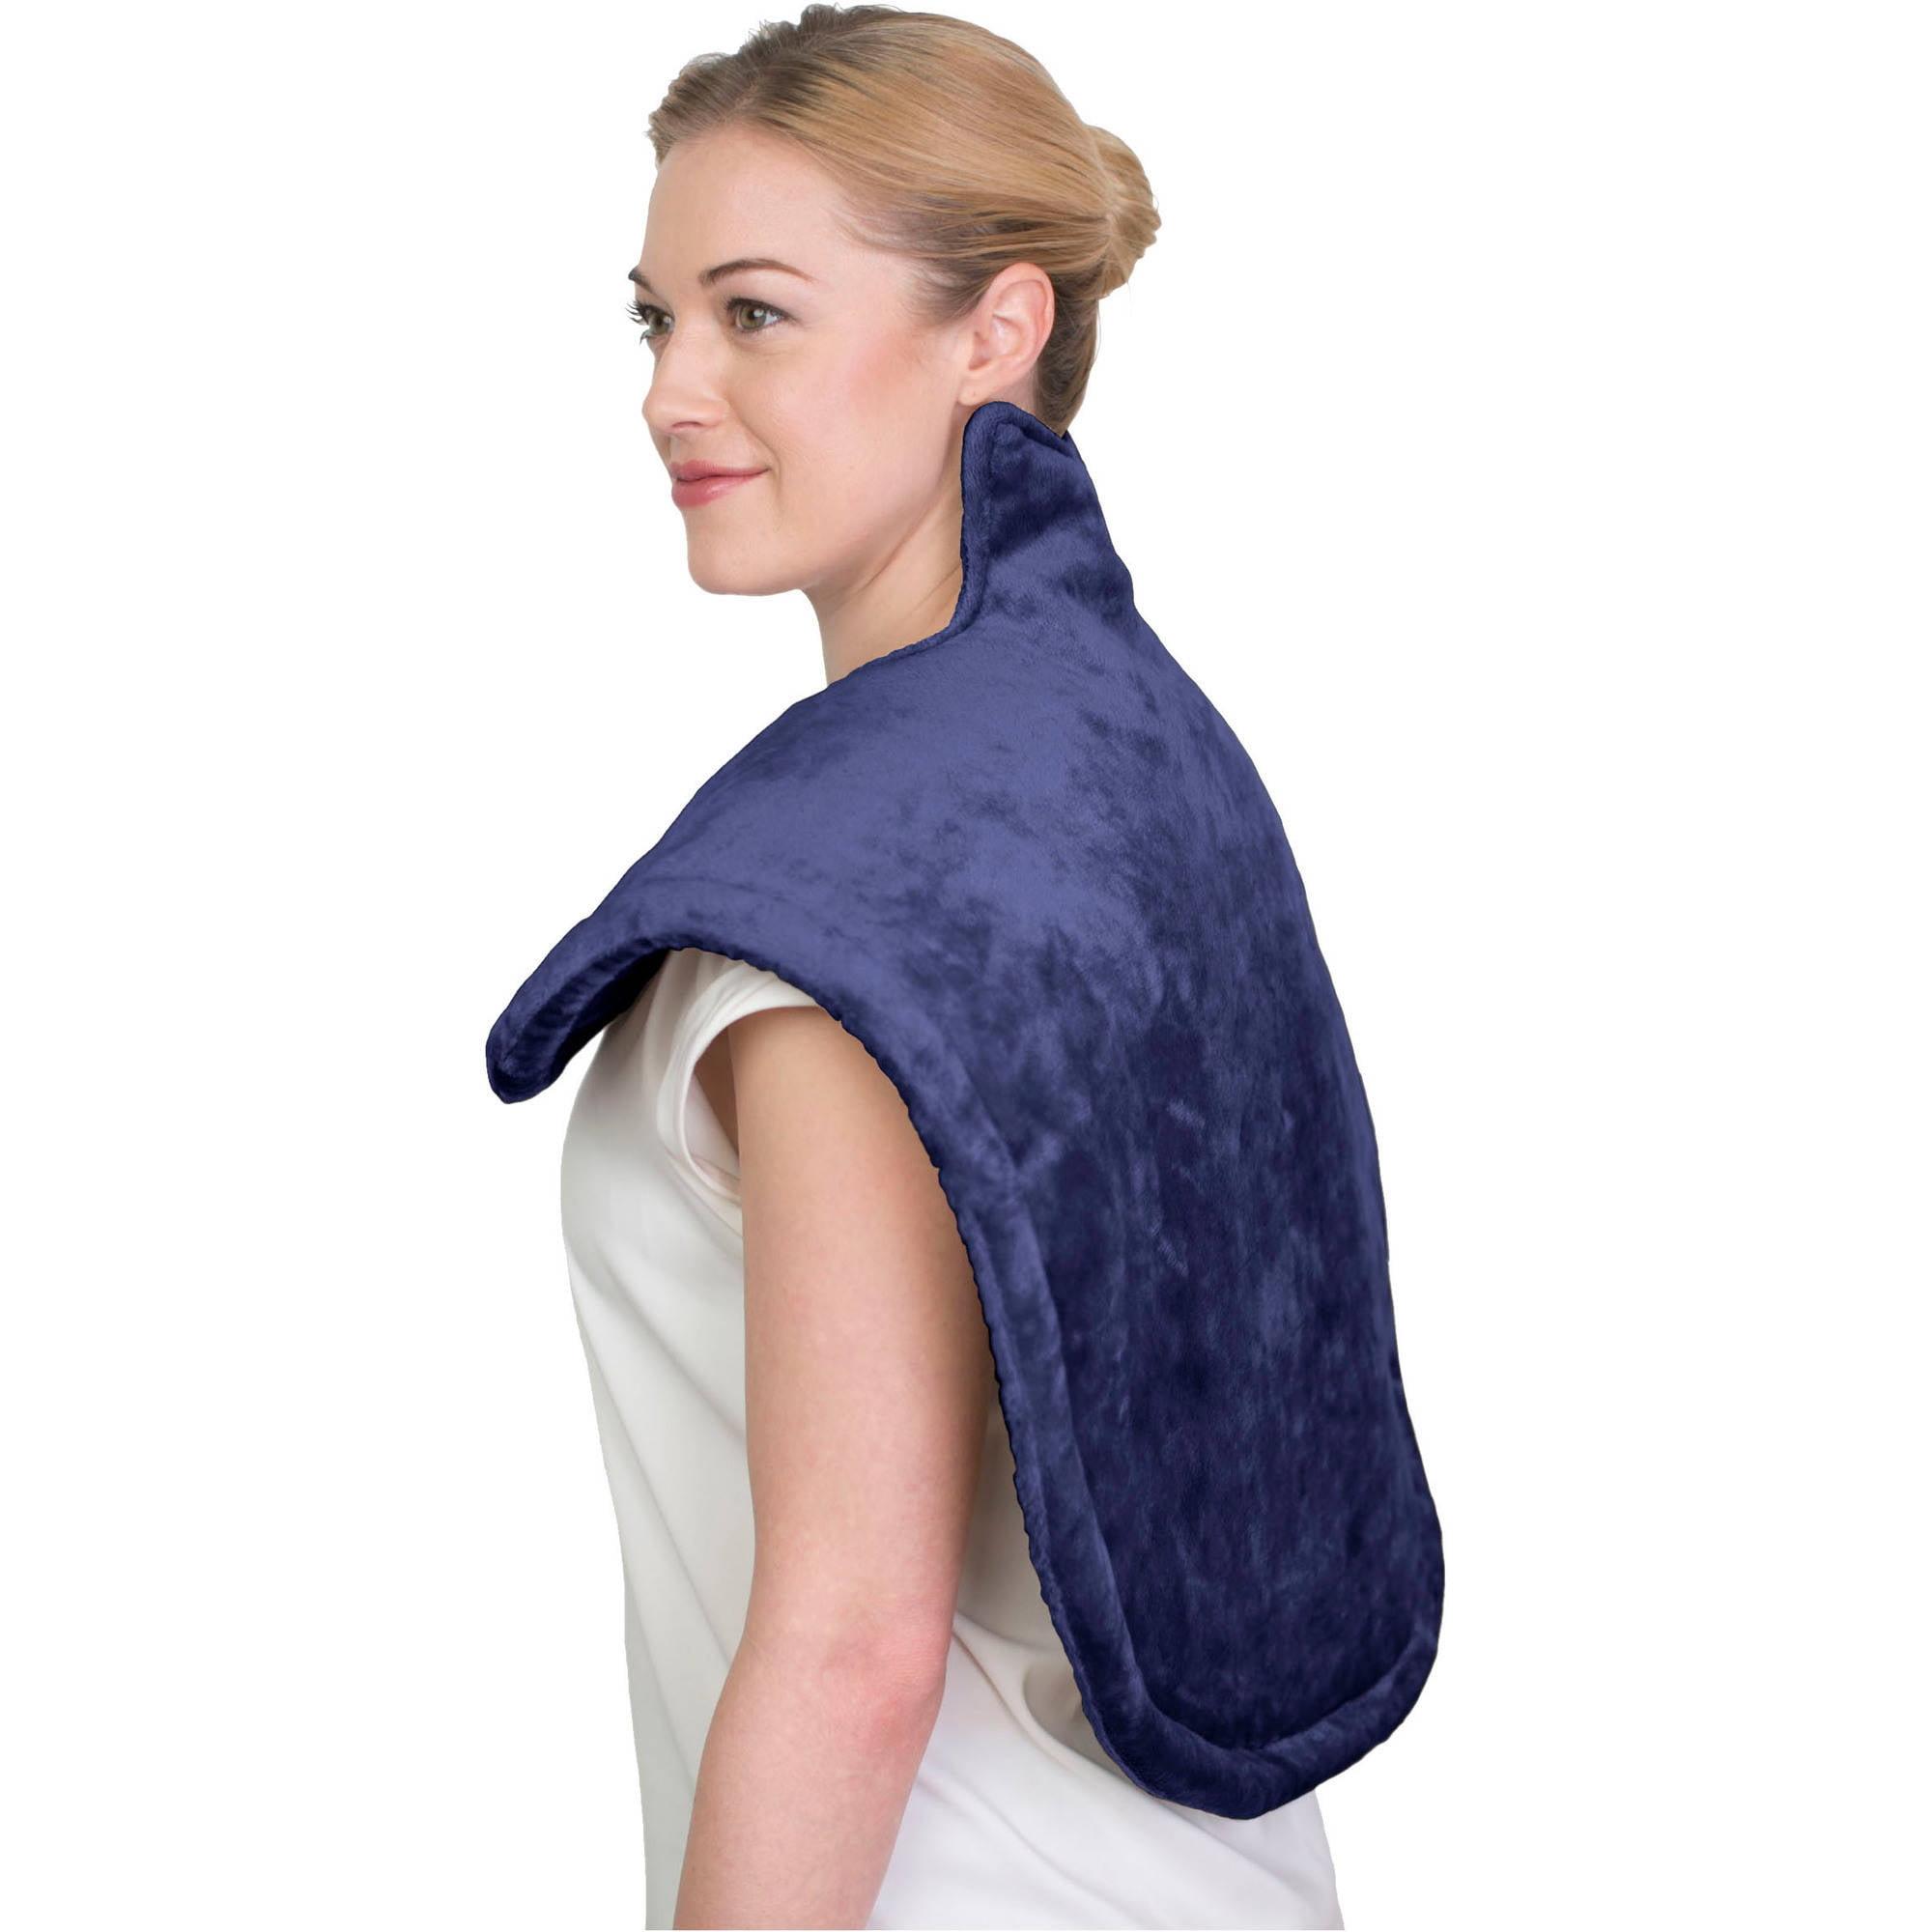 UComfy Neck and Shoulder Heat Wrap, Blue